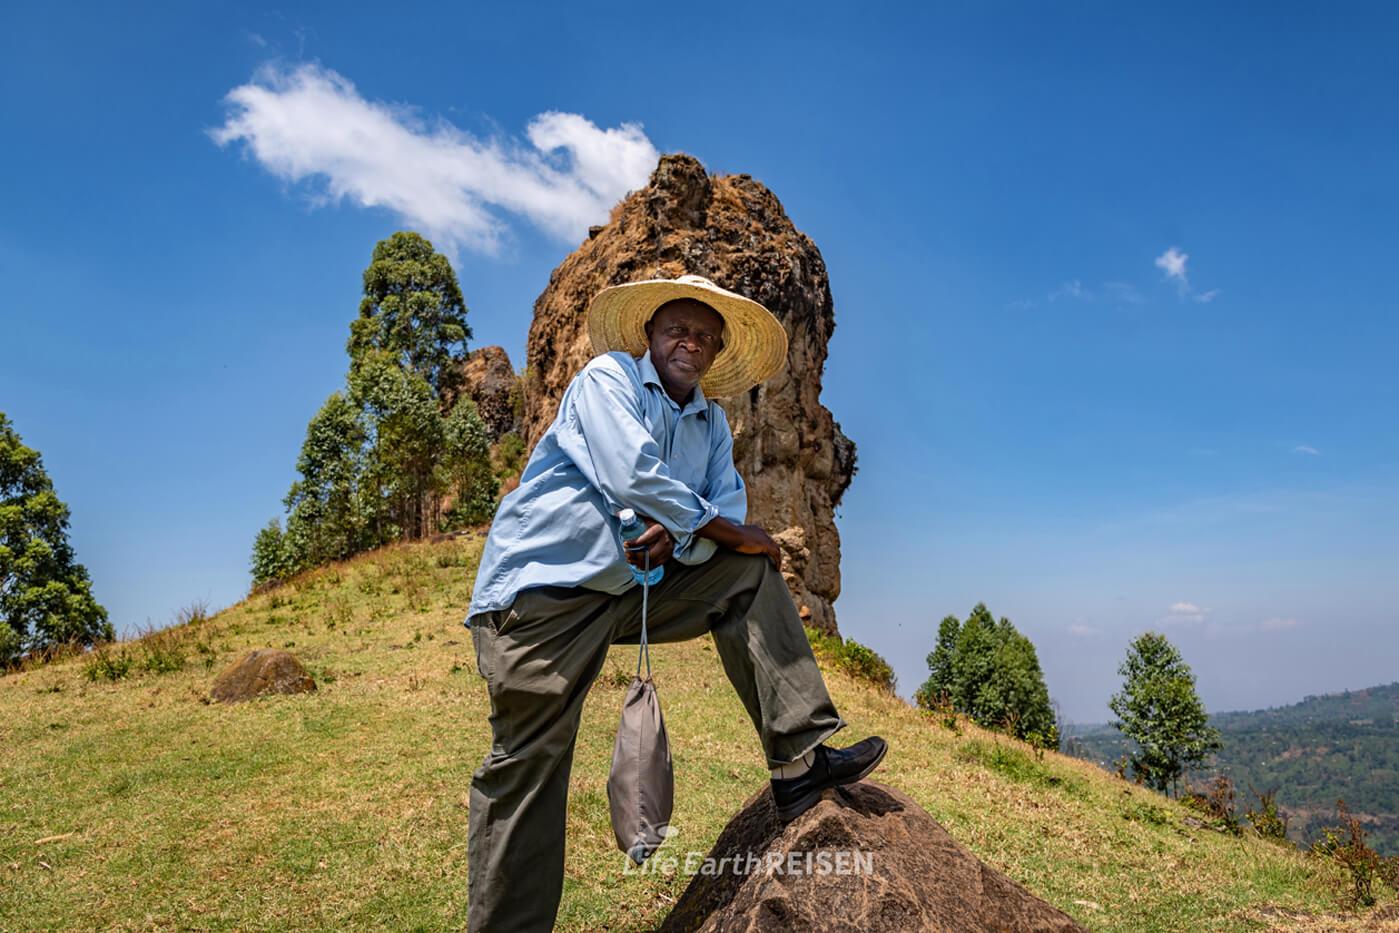 Mann aus dem Anbauland Uganda